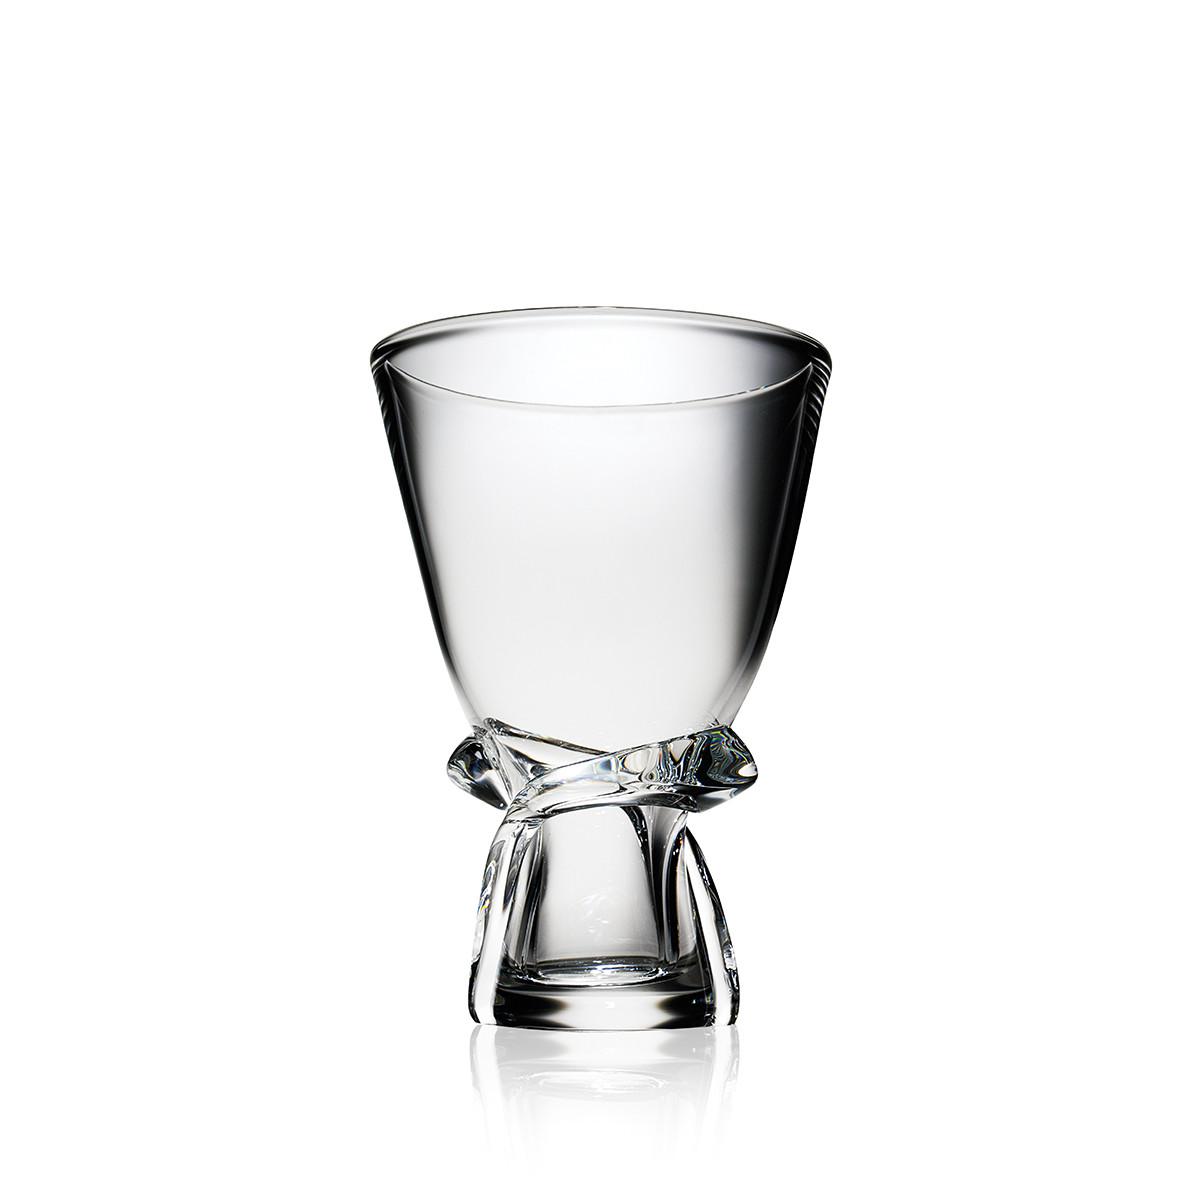 15 Stunning Steuben Vase Value 2021 free download steuben vase value of spiral vase steuben regarding spiral vase